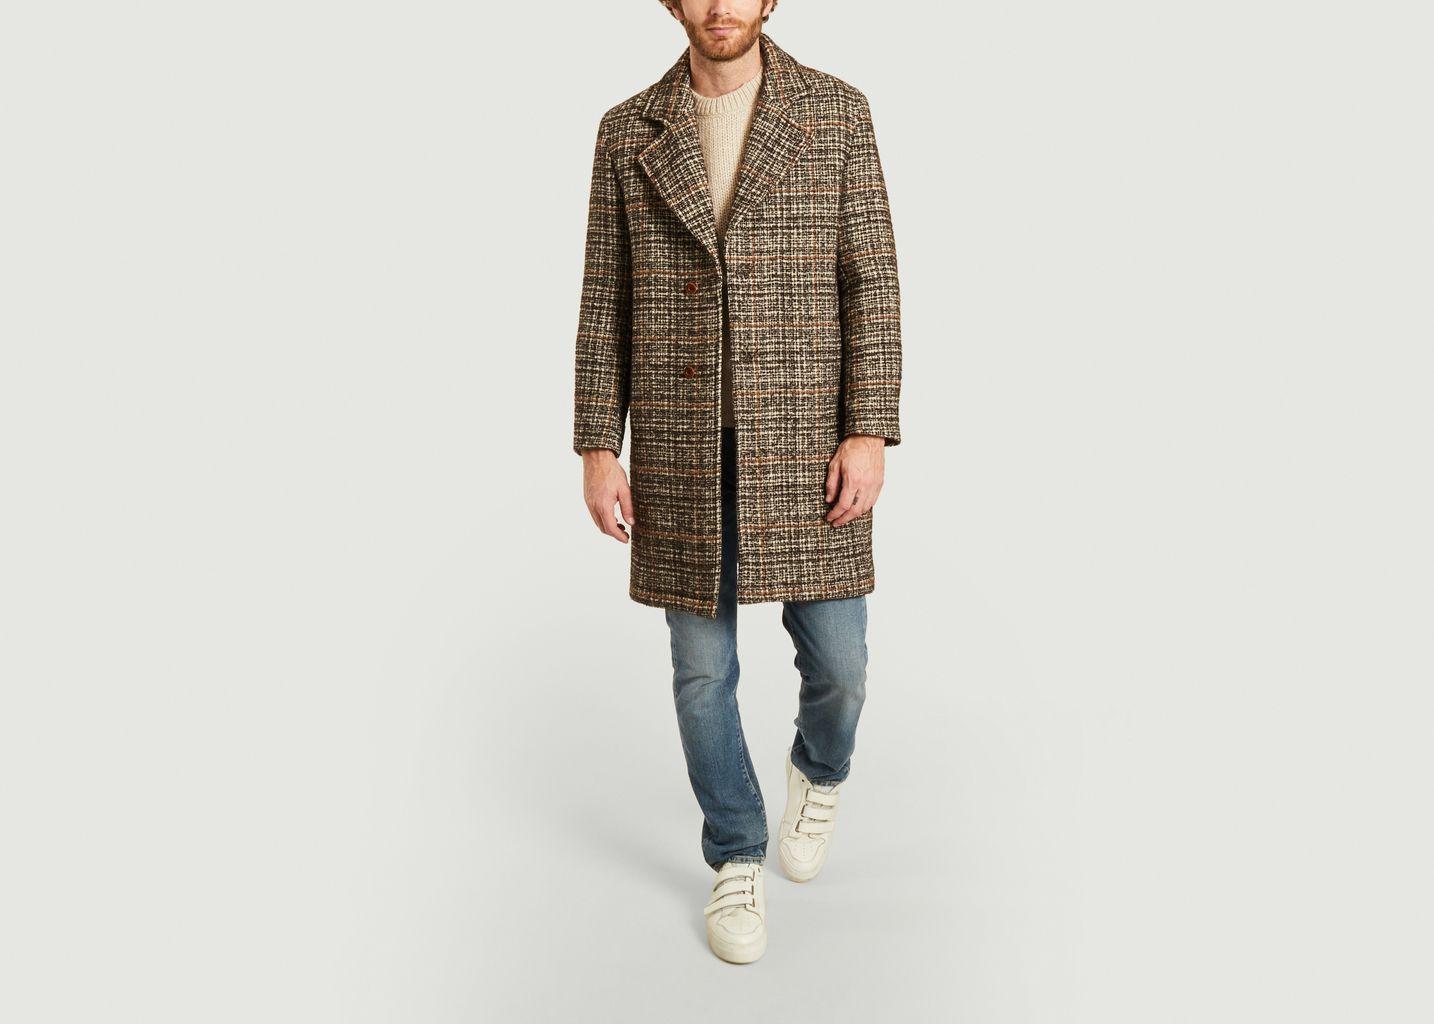 Manteau en Laine texturé carreaux Dante - NN07